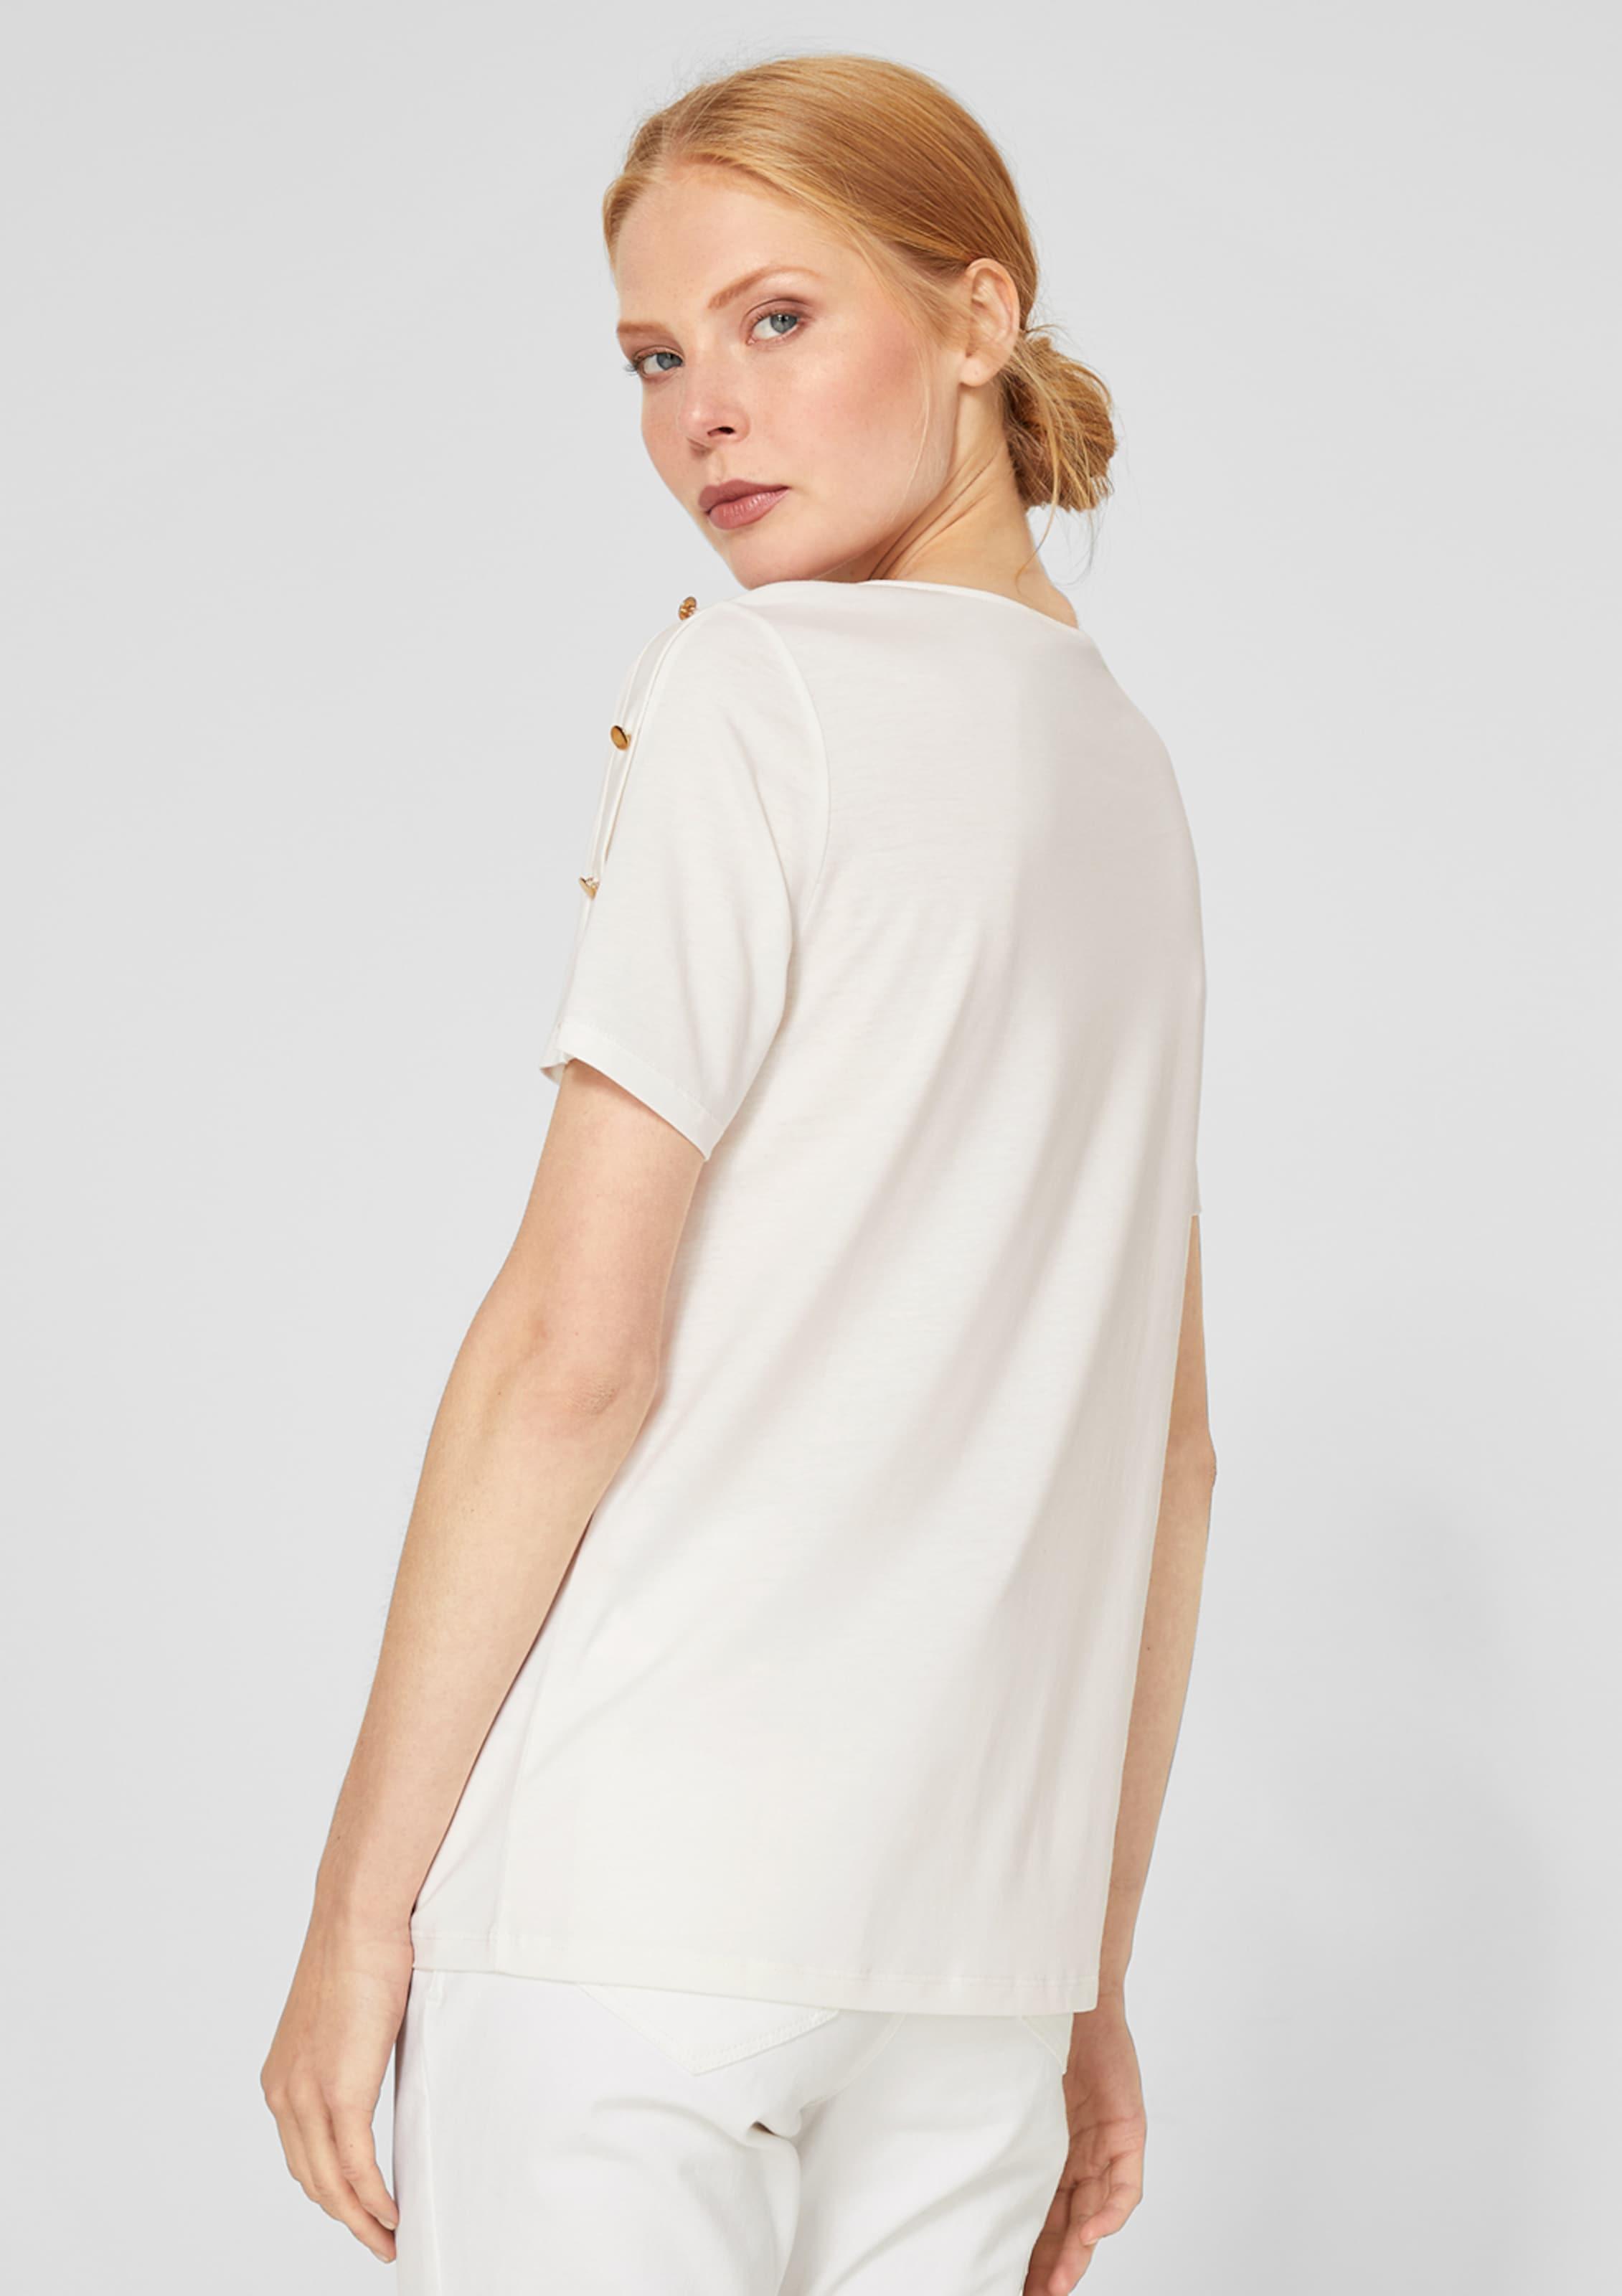 oliver Black Weiß T In Label shirt S 34jAq5RLc